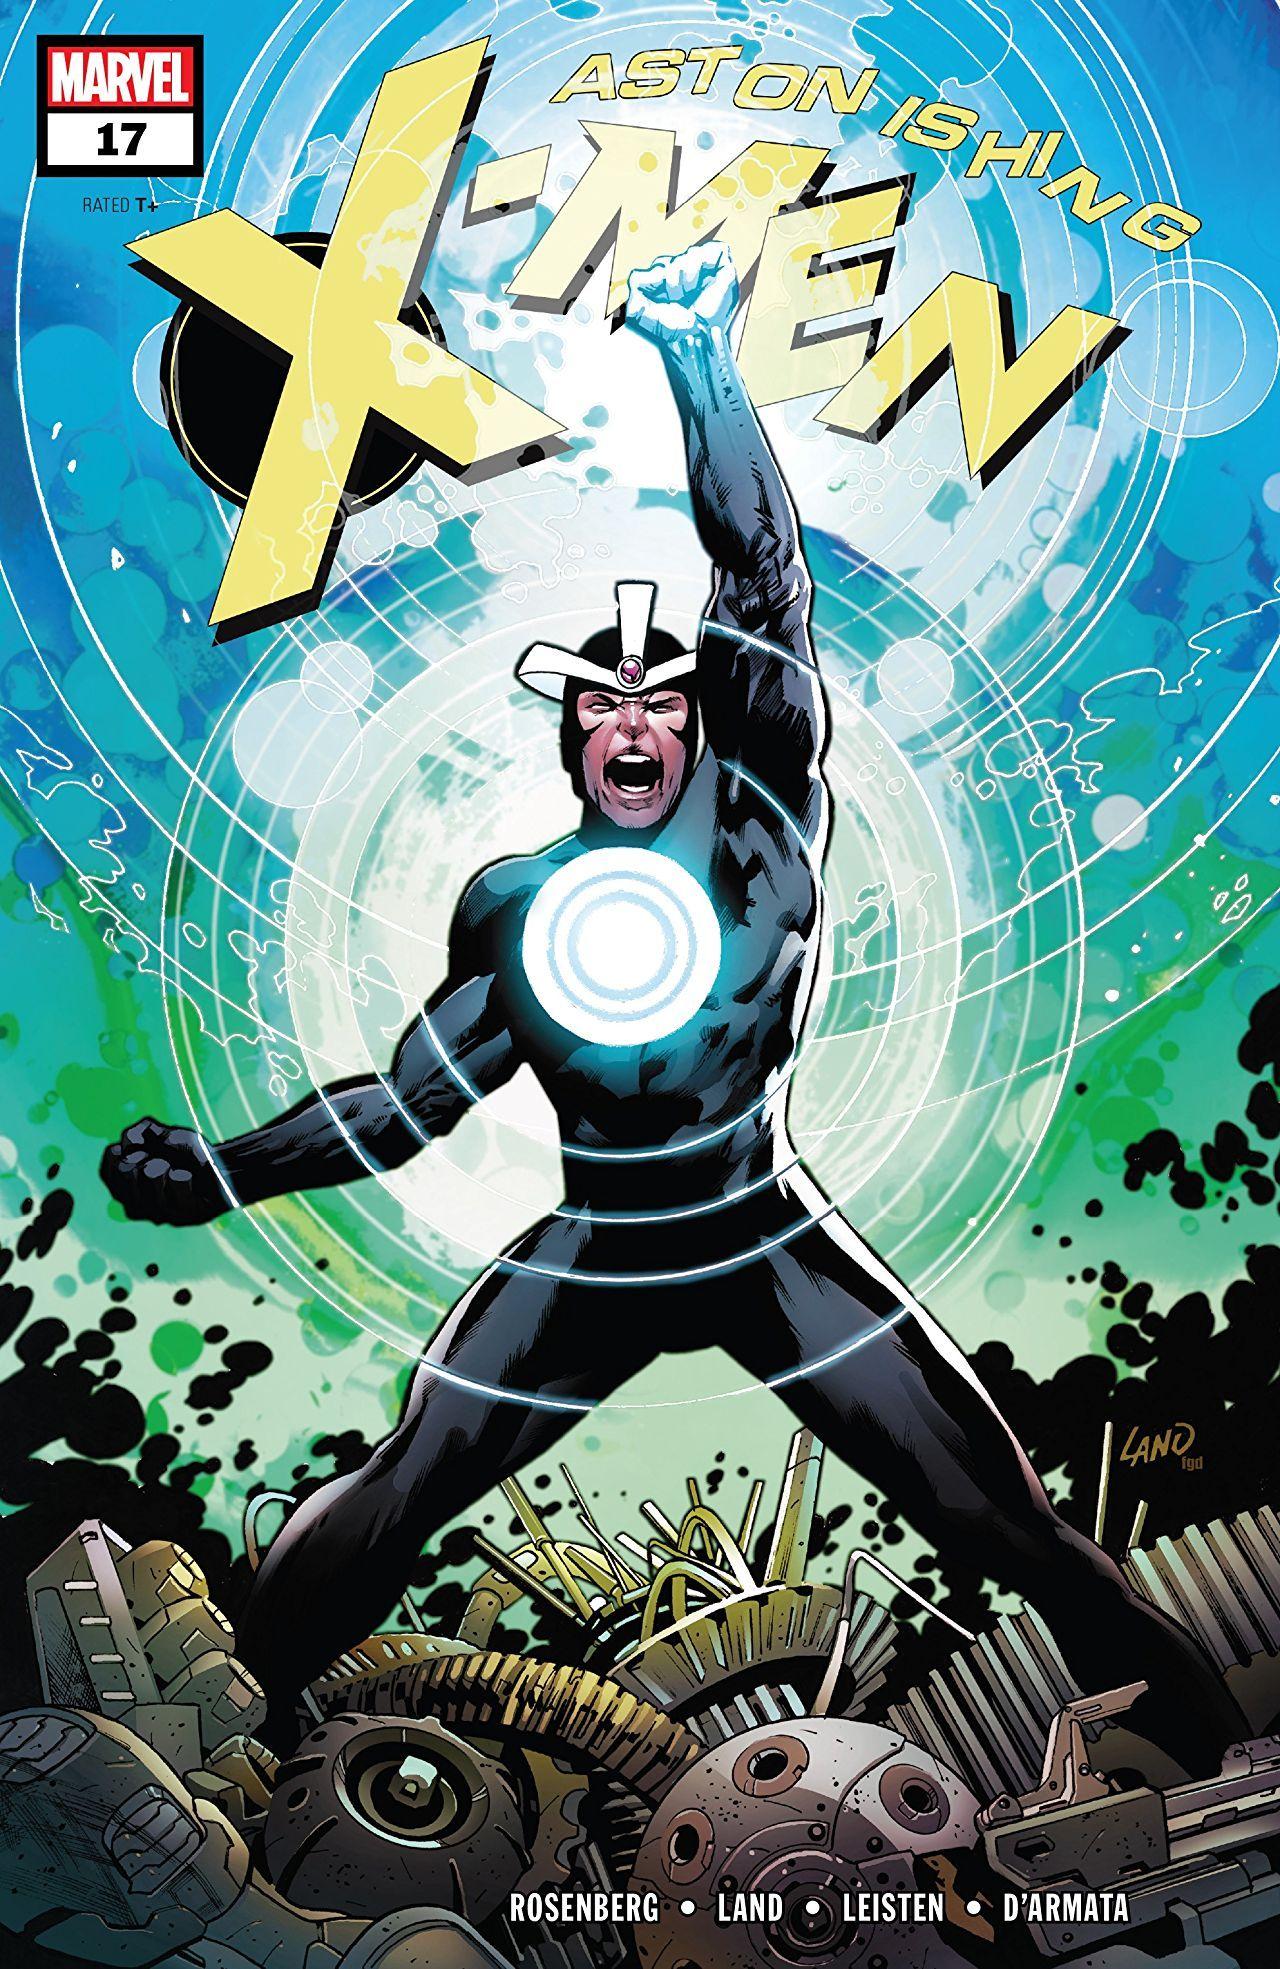 Astonishing X-Men Vol 4 17